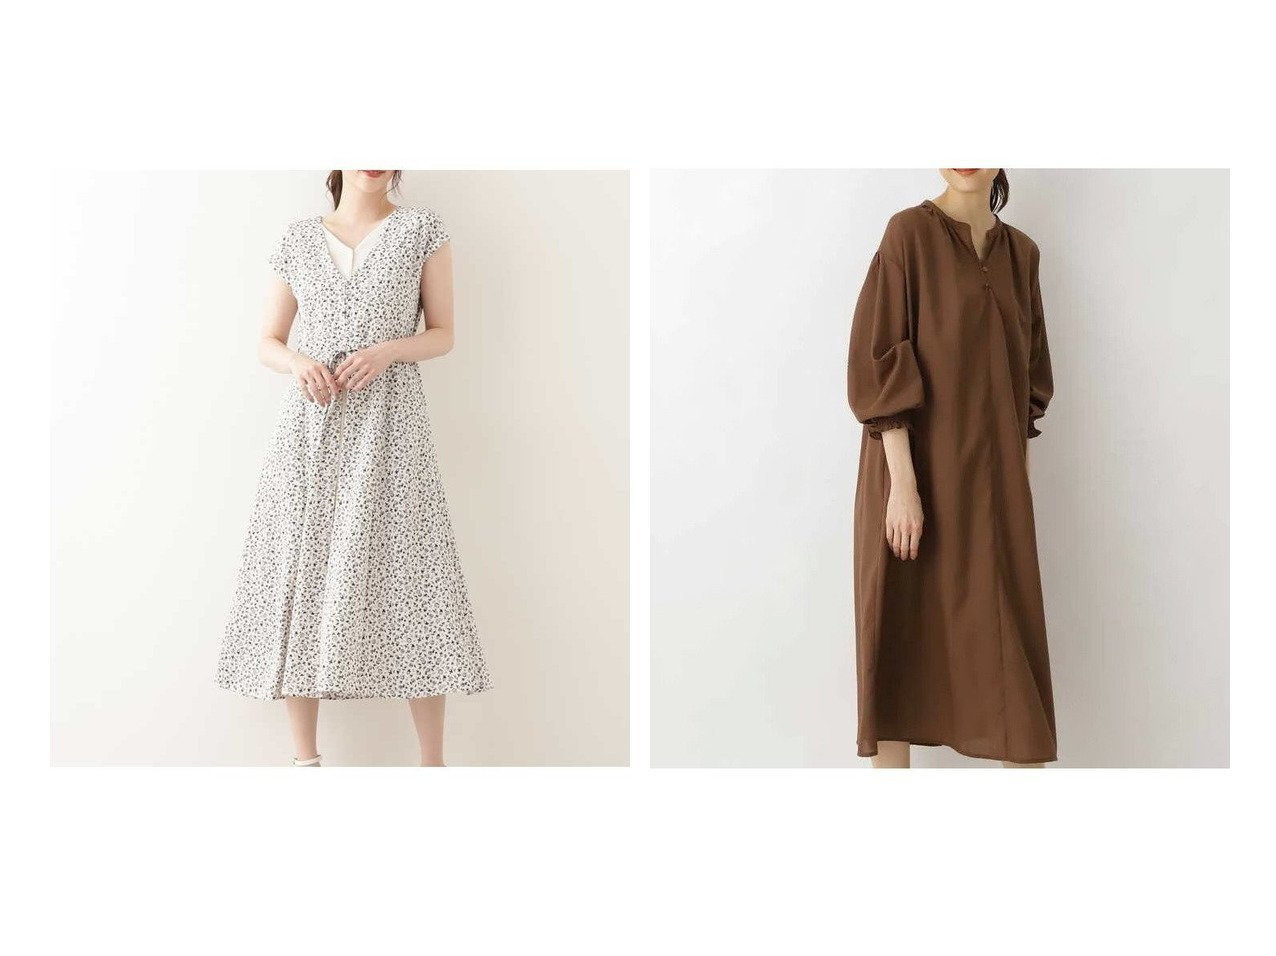 【NATURAL BEAUTY BASIC/ナチュラル ビューティー ベーシック】のボイルペザントワンピース&レイヤード風ワンピース 【ワンピース・ドレス】おすすめ!人気、トレンド・レディースファッションの通販 おすすめで人気の流行・トレンド、ファッションの通販商品 インテリア・家具・メンズファッション・キッズファッション・レディースファッション・服の通販 founy(ファニー) https://founy.com/ ファッション Fashion レディースファッション WOMEN ワンピース Dress ギャザー フロント リラックス シェイプ トレンド プリント 無地  ID:crp329100000045247